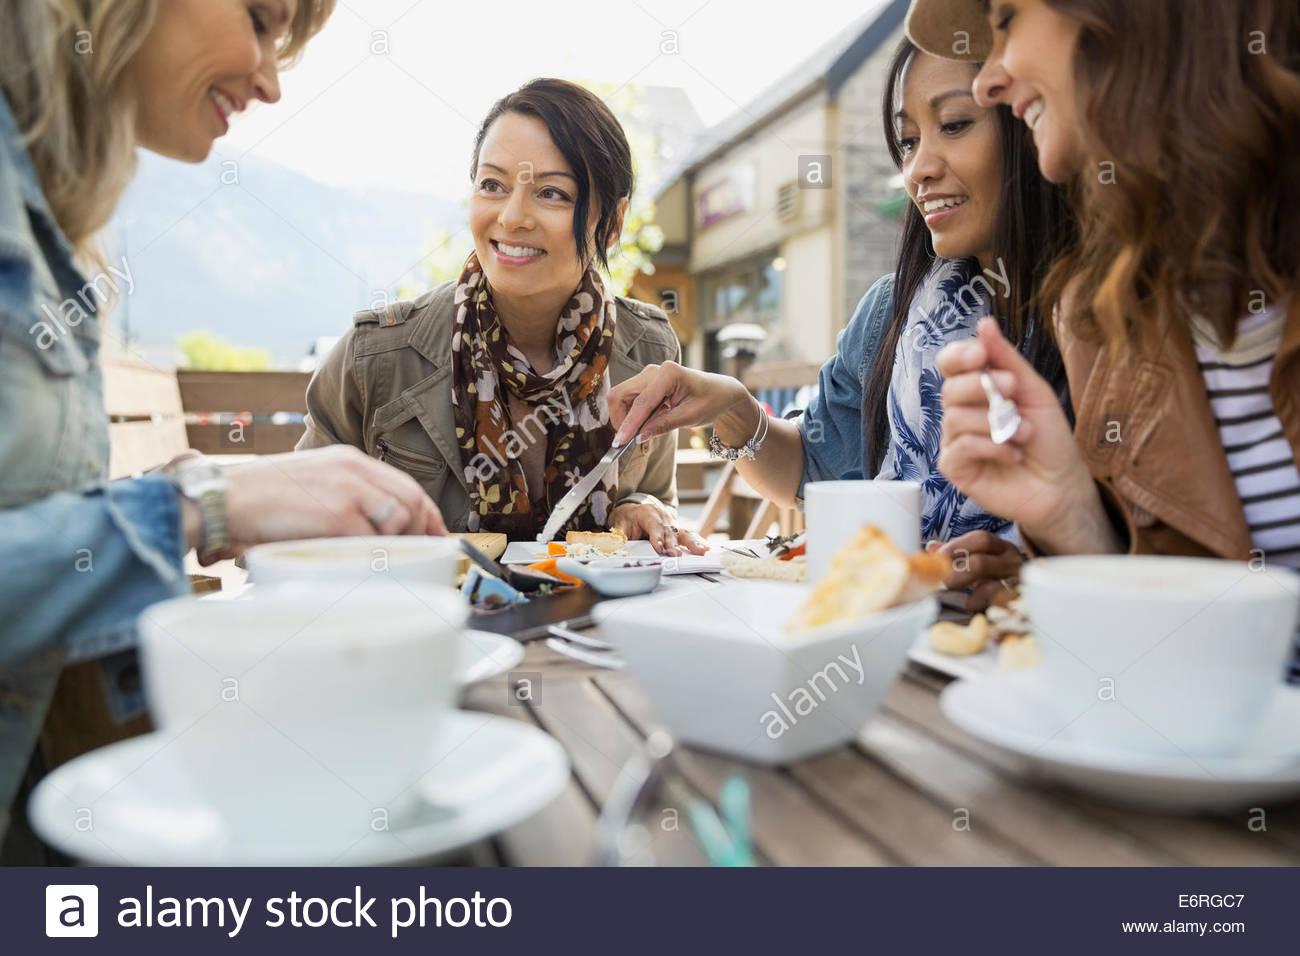 Las mujeres comiendo juntos en el café Imagen De Stock